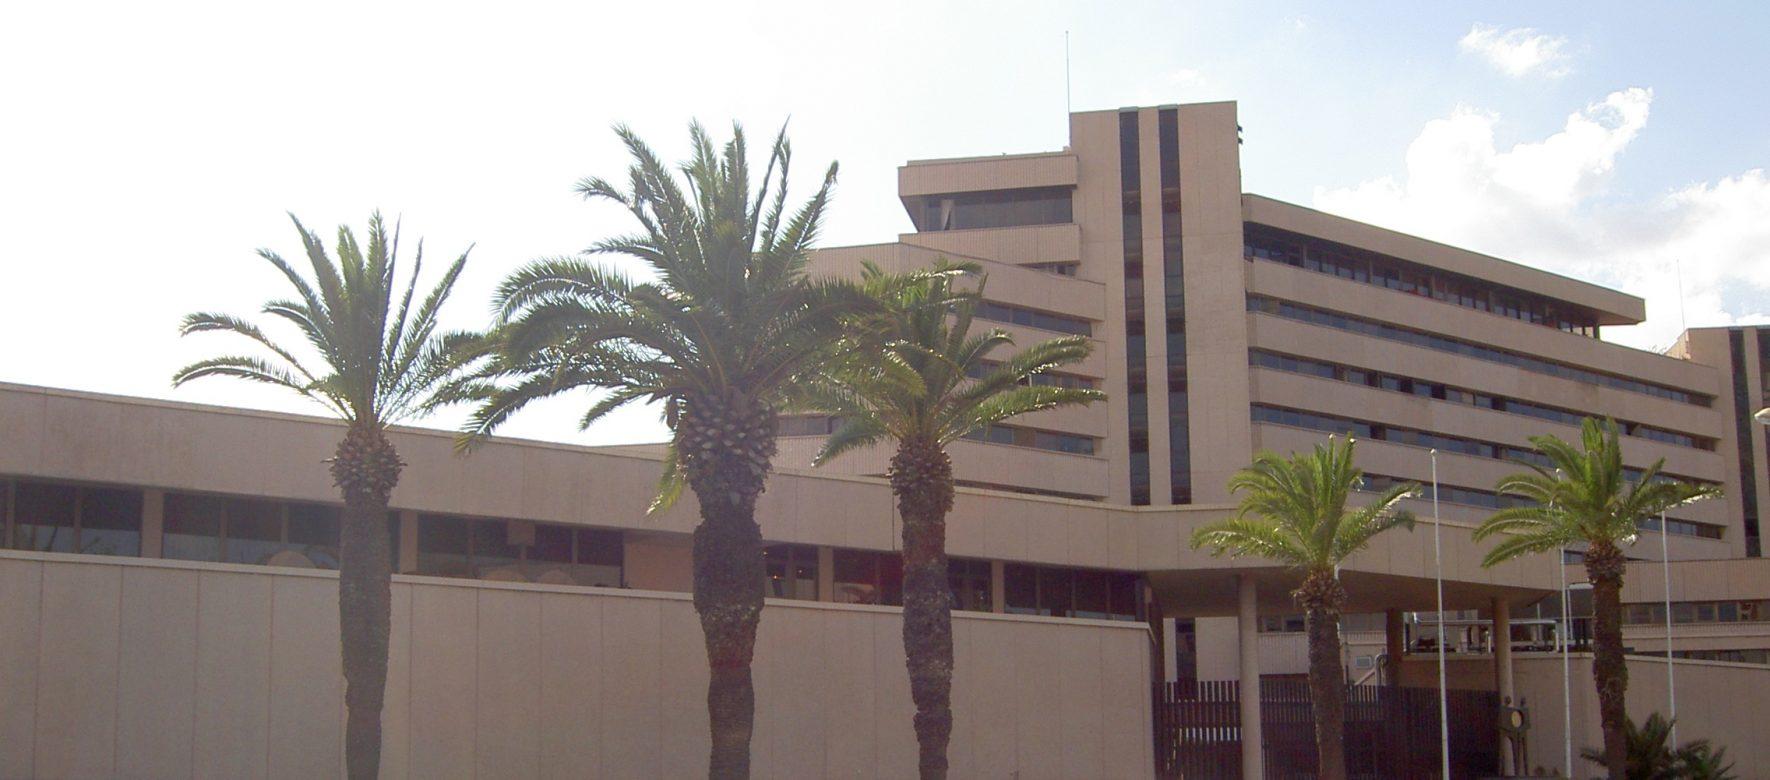 La Tunisie a levé 700millions d'€ sur les marchés internationaux